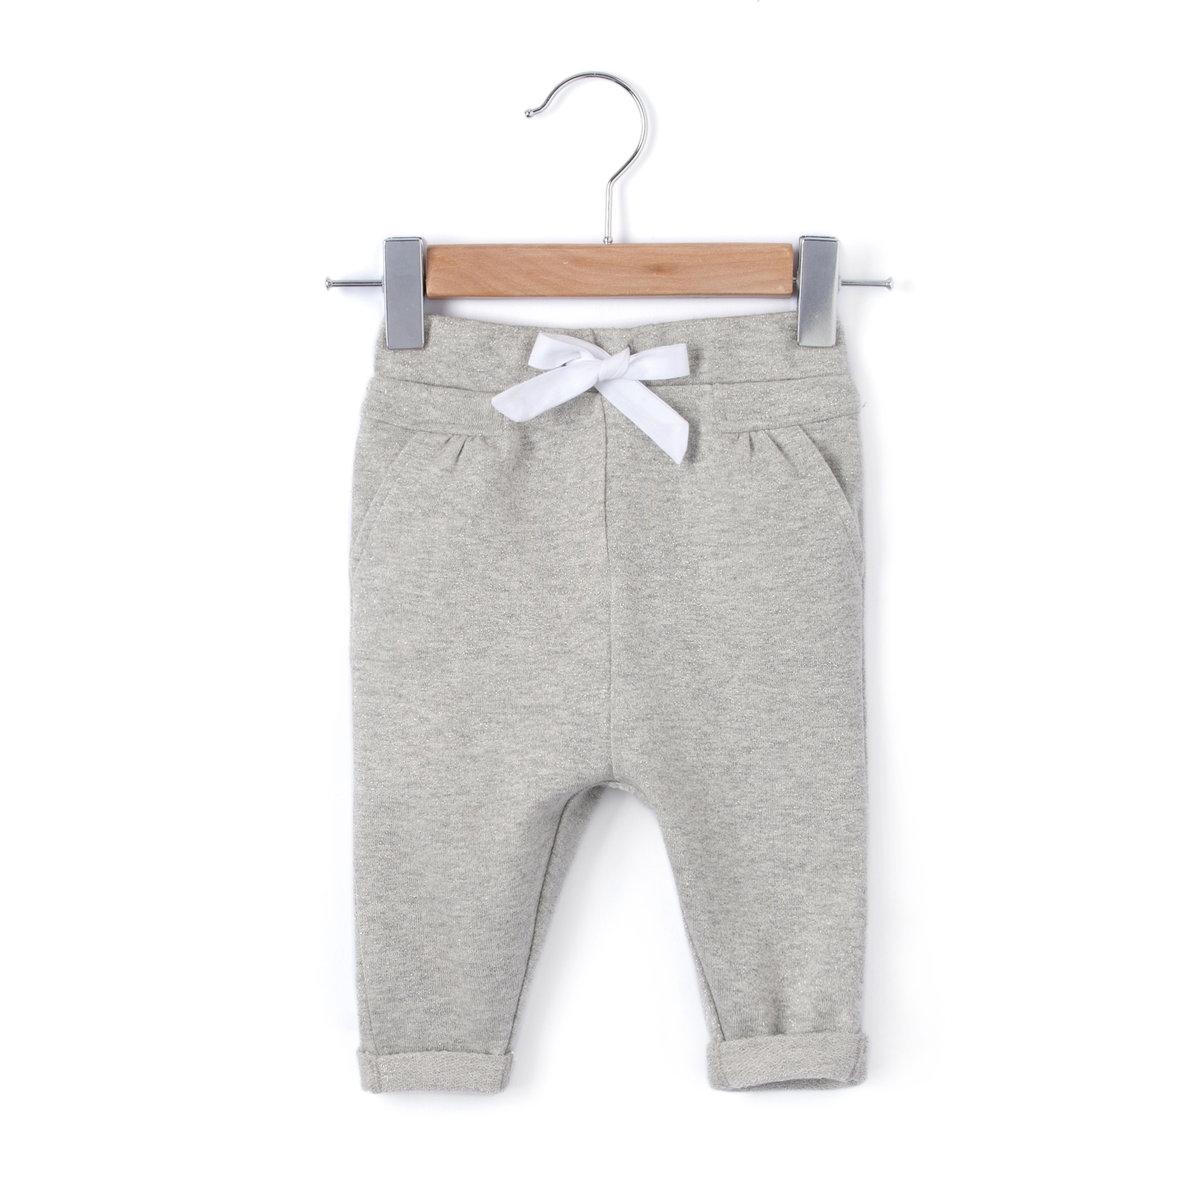 Брюки с пайетками, 1 месяц -3 годаСпортивные брюки без застежки, 95% хлопка, 5% метализированного волокна. Идеальны для вашего маленького непоседы, не сковывают в движении. Полностью эластичный пояс на кулиске  с завязками. 2 кармана спереди. . Отрезные детали по внутр. шву. Низ брючин с отворотами.<br><br>Цвет: серый меланж<br>Размер: 3 года - 94 см.1 год - 74 см.3 мес. - 60 см.2 года - 86 см.1 мес. - 54 см